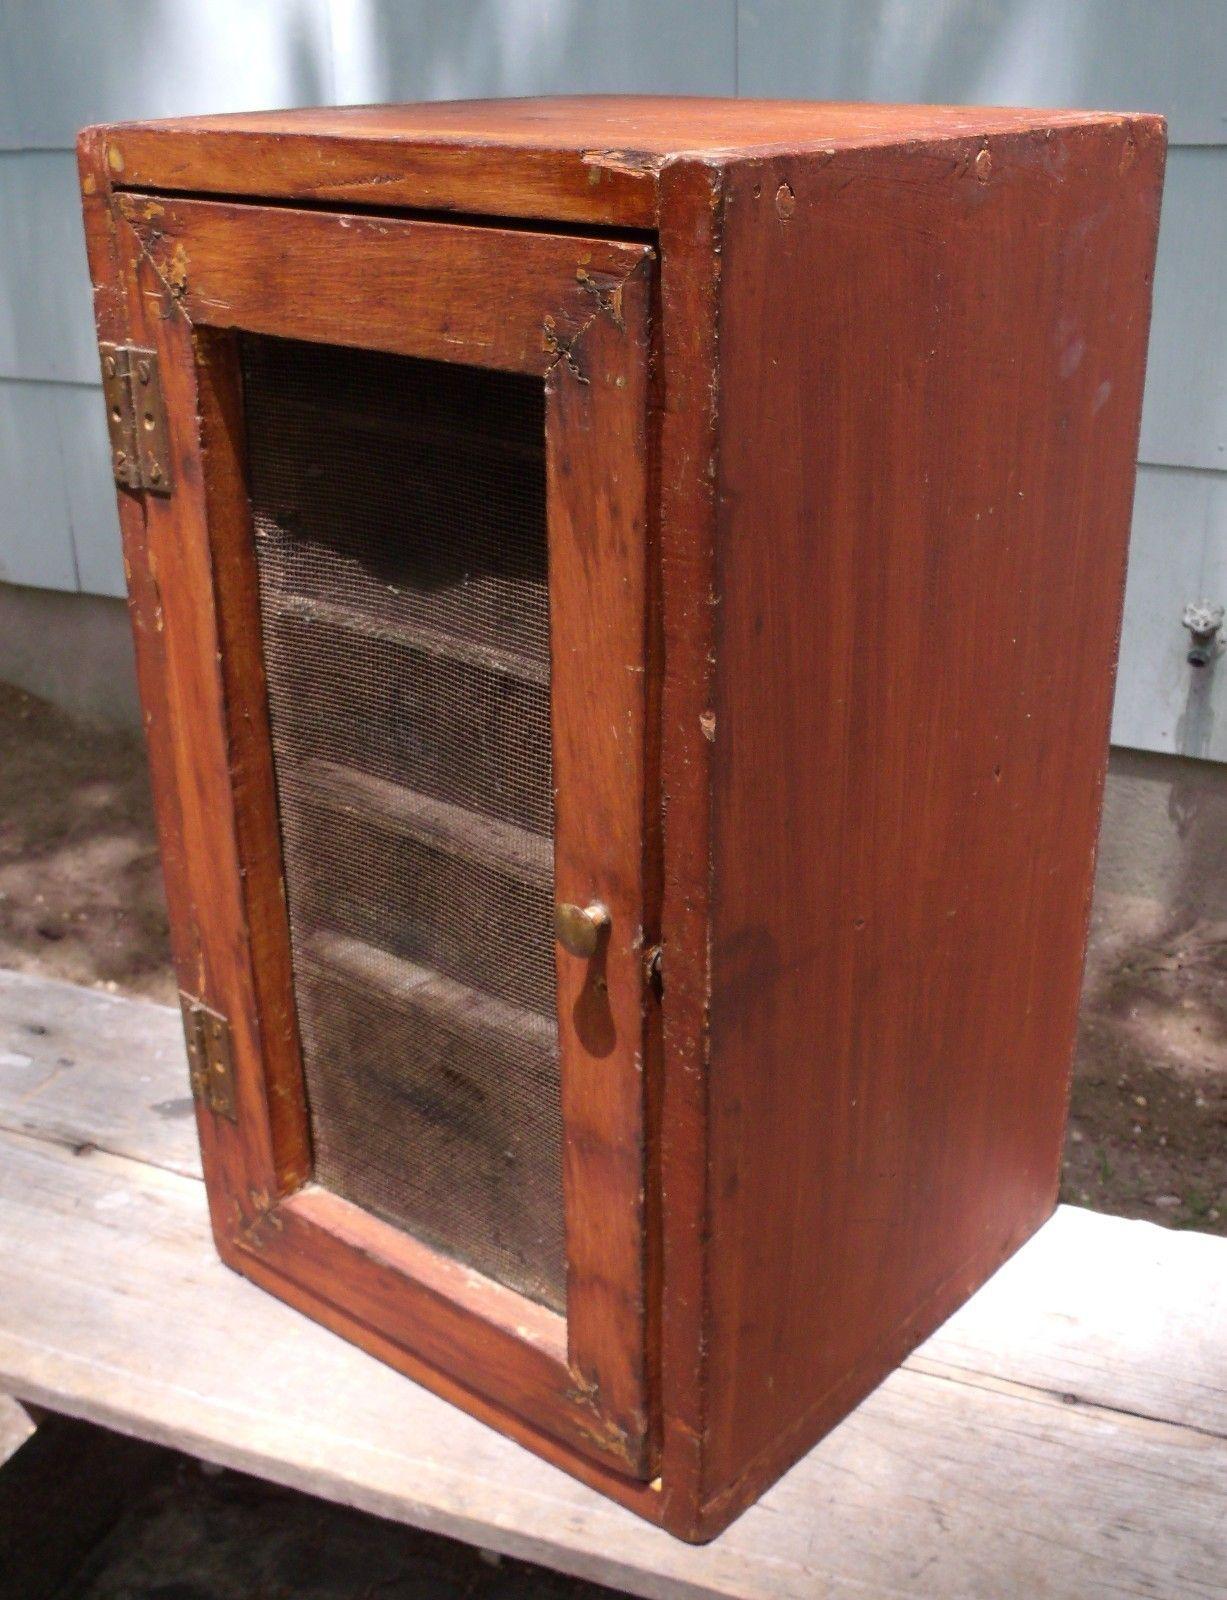 Antique Wooden Pie Safe Wood Kitchen Cabinet Keeper Primitive Vintage Old |  eBay - Antique Wooden Pie Safe Wood Kitchen Cabinet Keeper Primitive